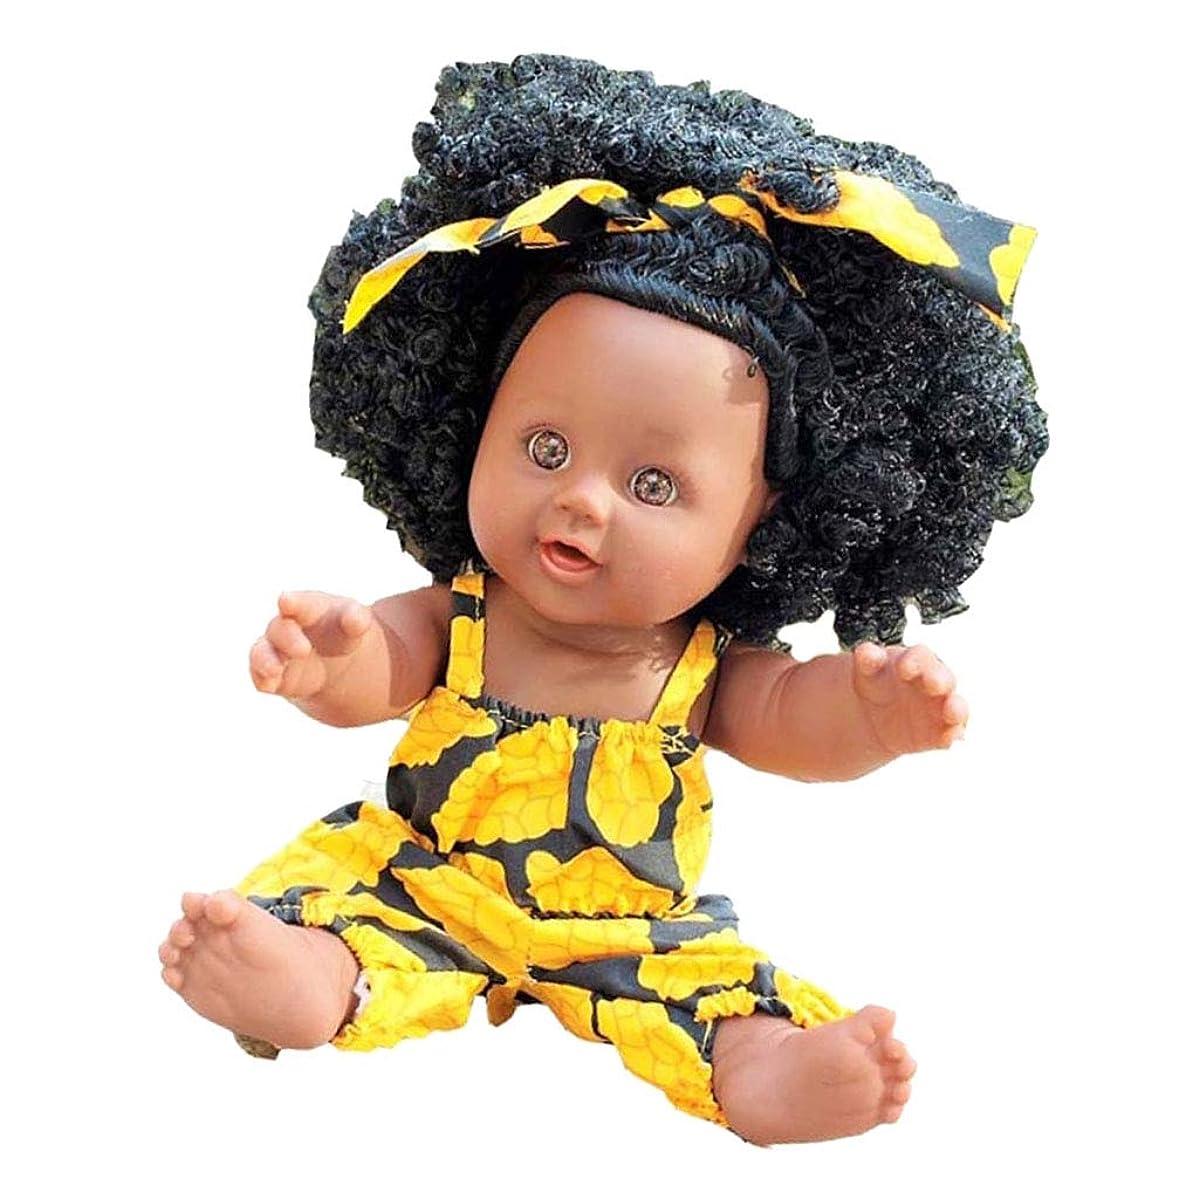 構成退院チーフ12インチベイビードール ビニールボディ アメリカガールドール 赤ちゃん人形 新生児人形 おもちゃ